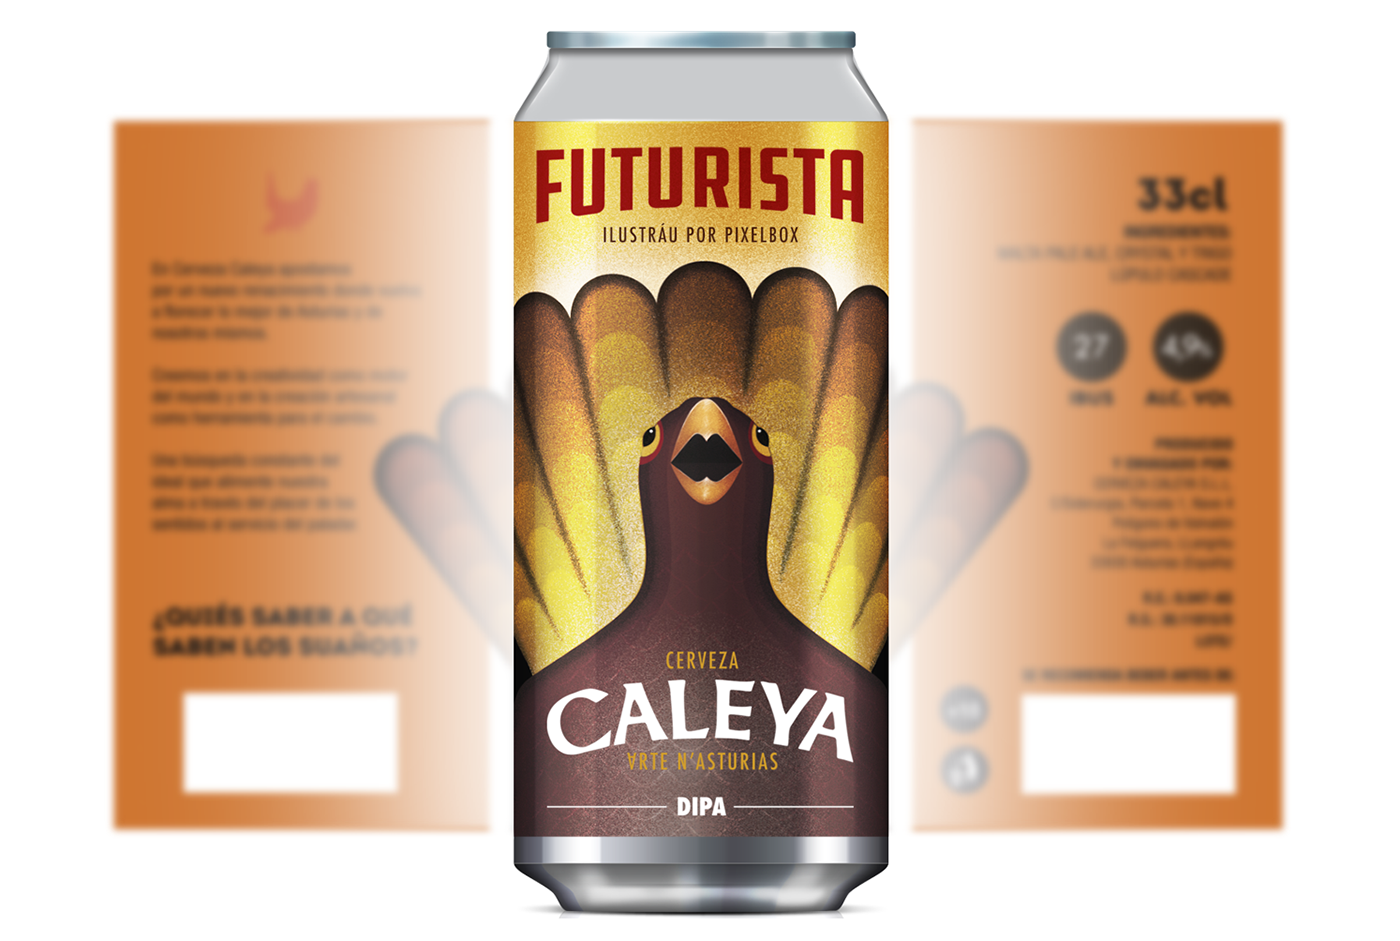 beer craft beer alimentación Label beer can cerveza Cerveza Artesanal etiqueta